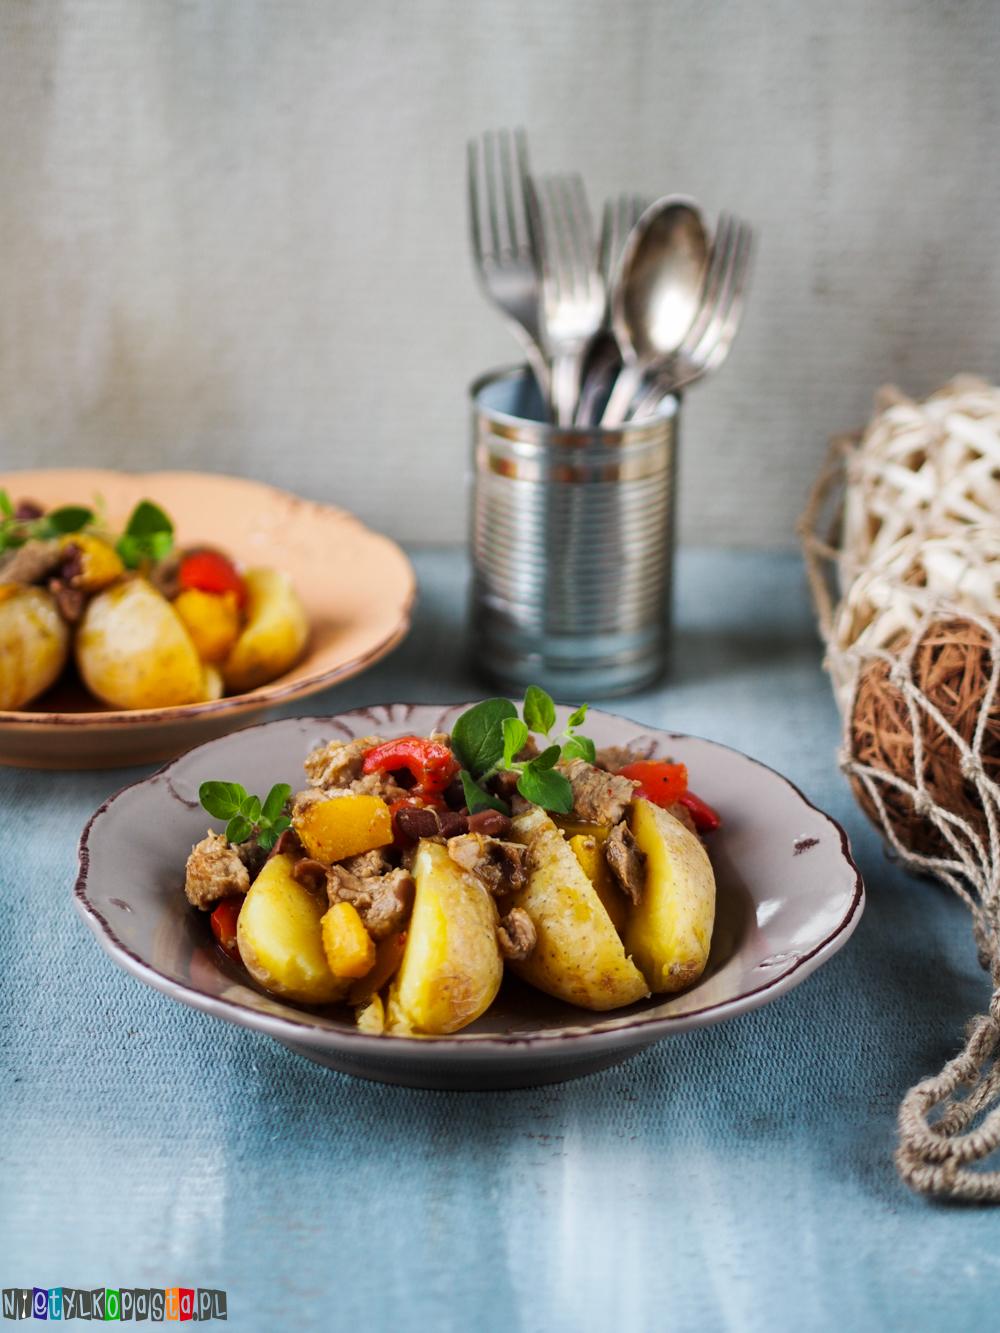 ziemniaki pieczone z gulaszem